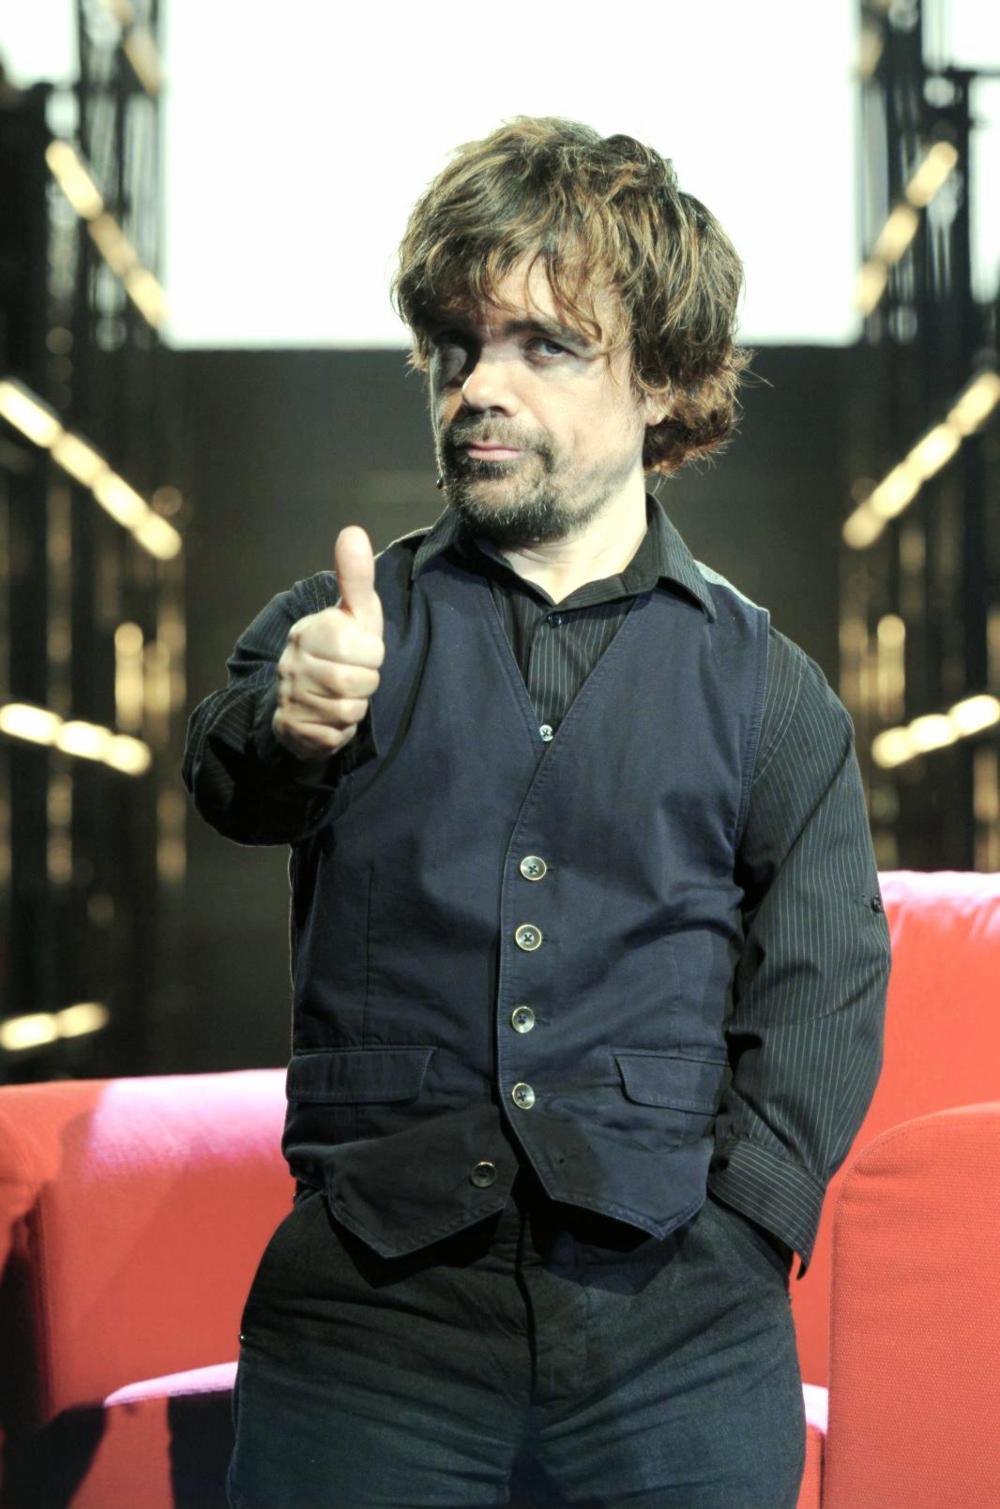 """Peter Hayden Dinklage - o provável ator de televisão mais badalado dos últimos anos. Não é por menos. Seu enorme talento para interpretar o 'peculiar'Tyrion, na série """"Game of Thrones"""" chama atenção. Foram quase 30 indicações para prêmios pelo mesmo papel. E como se não bastasse o carisma e o talento, a cada aparição de Peter, um figurino de primeira. Ternos, camisas, gravatas e sapatos que são pura elegância.Mostrando, mais uma vez, que tamanho, idade (ele completa 46 hoje), raça e opção sexual não são documento."""